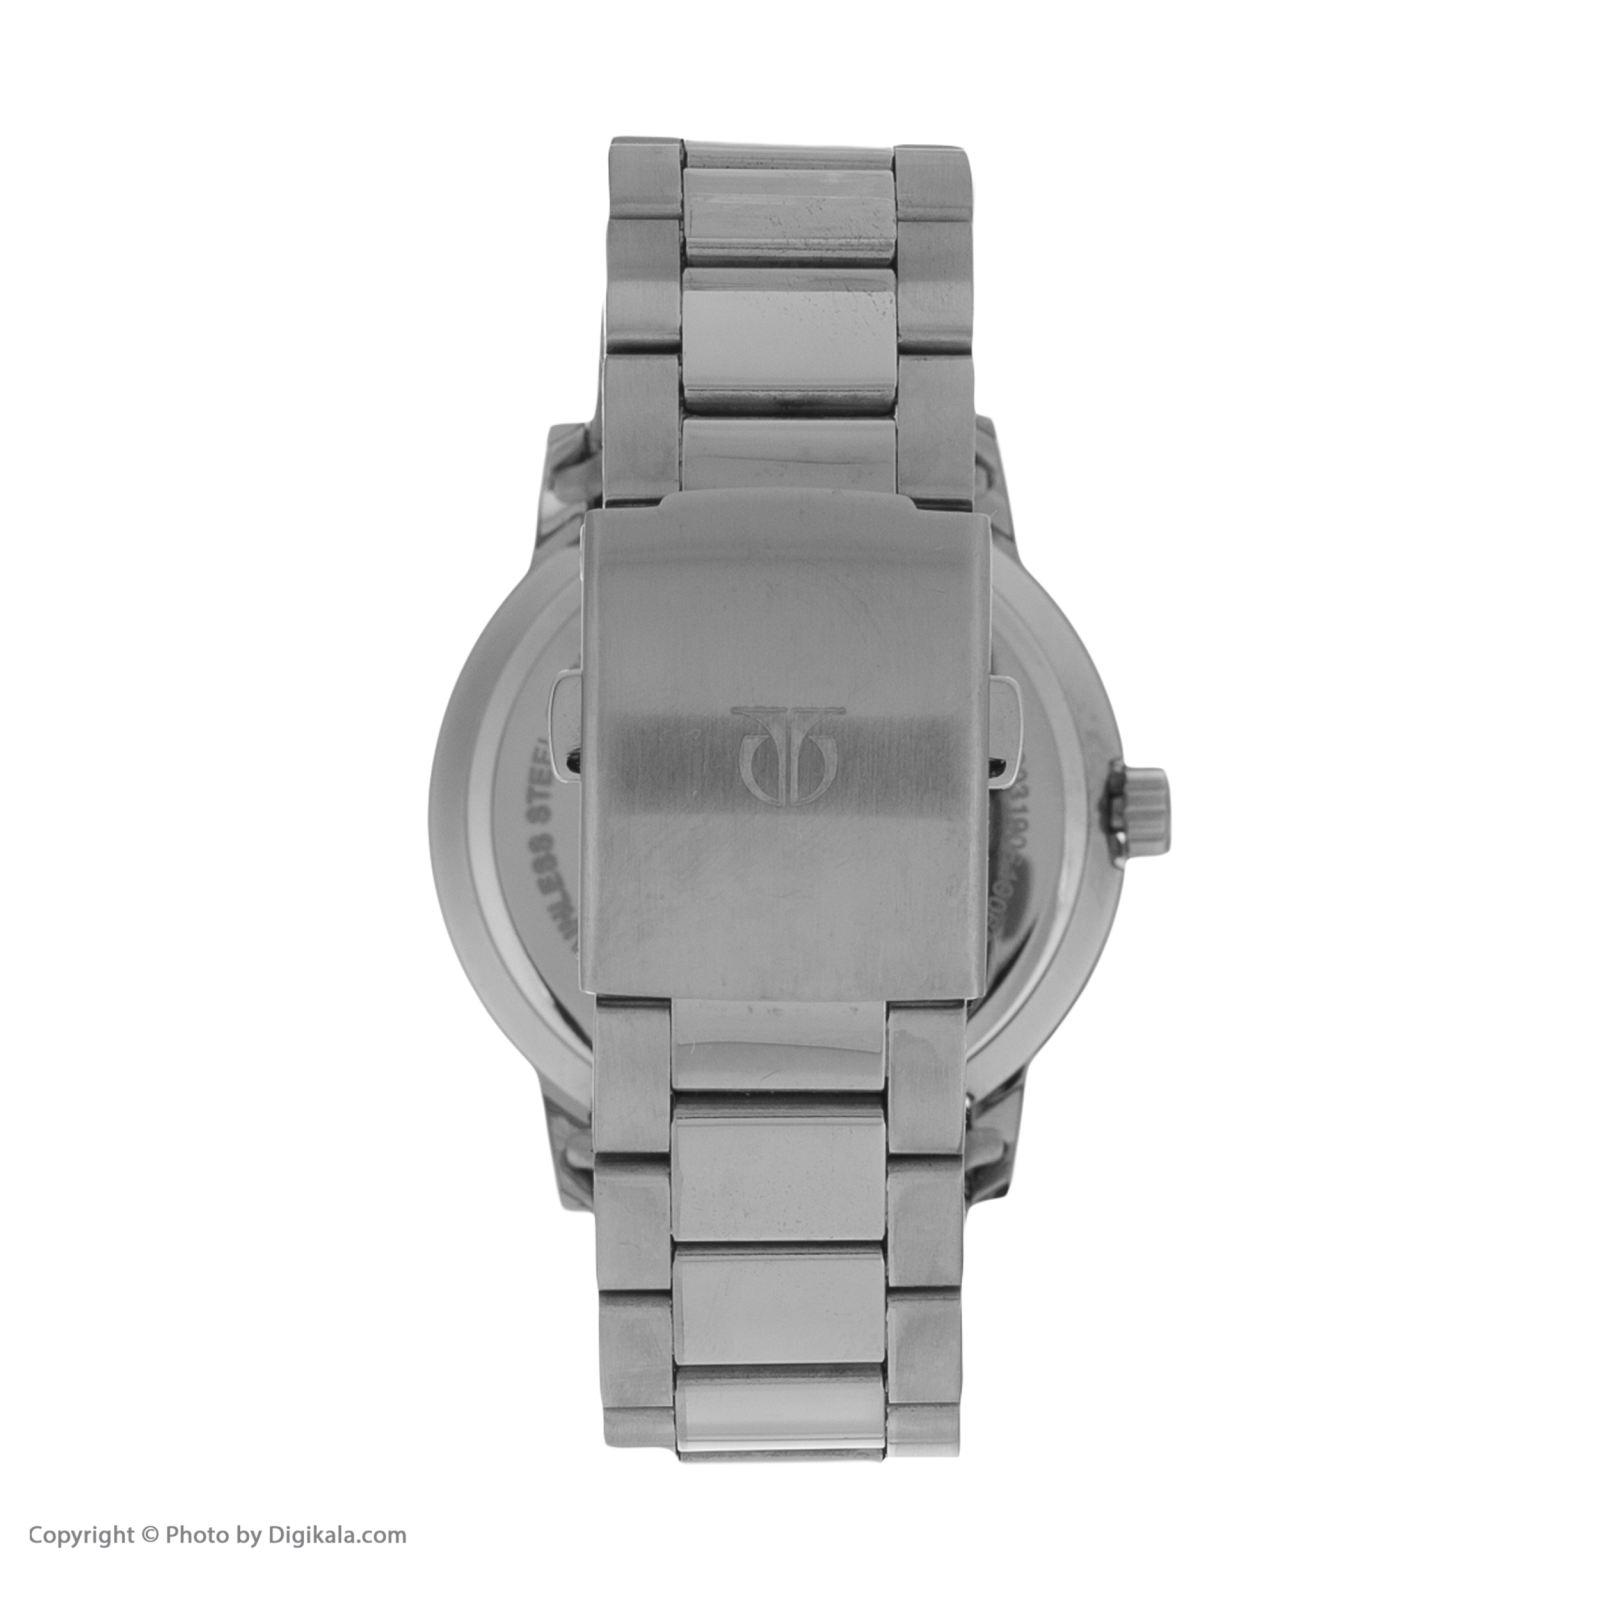 ساعت مچی عقربه ای مردانه تیتان مدل T1730SM03 -  - 3